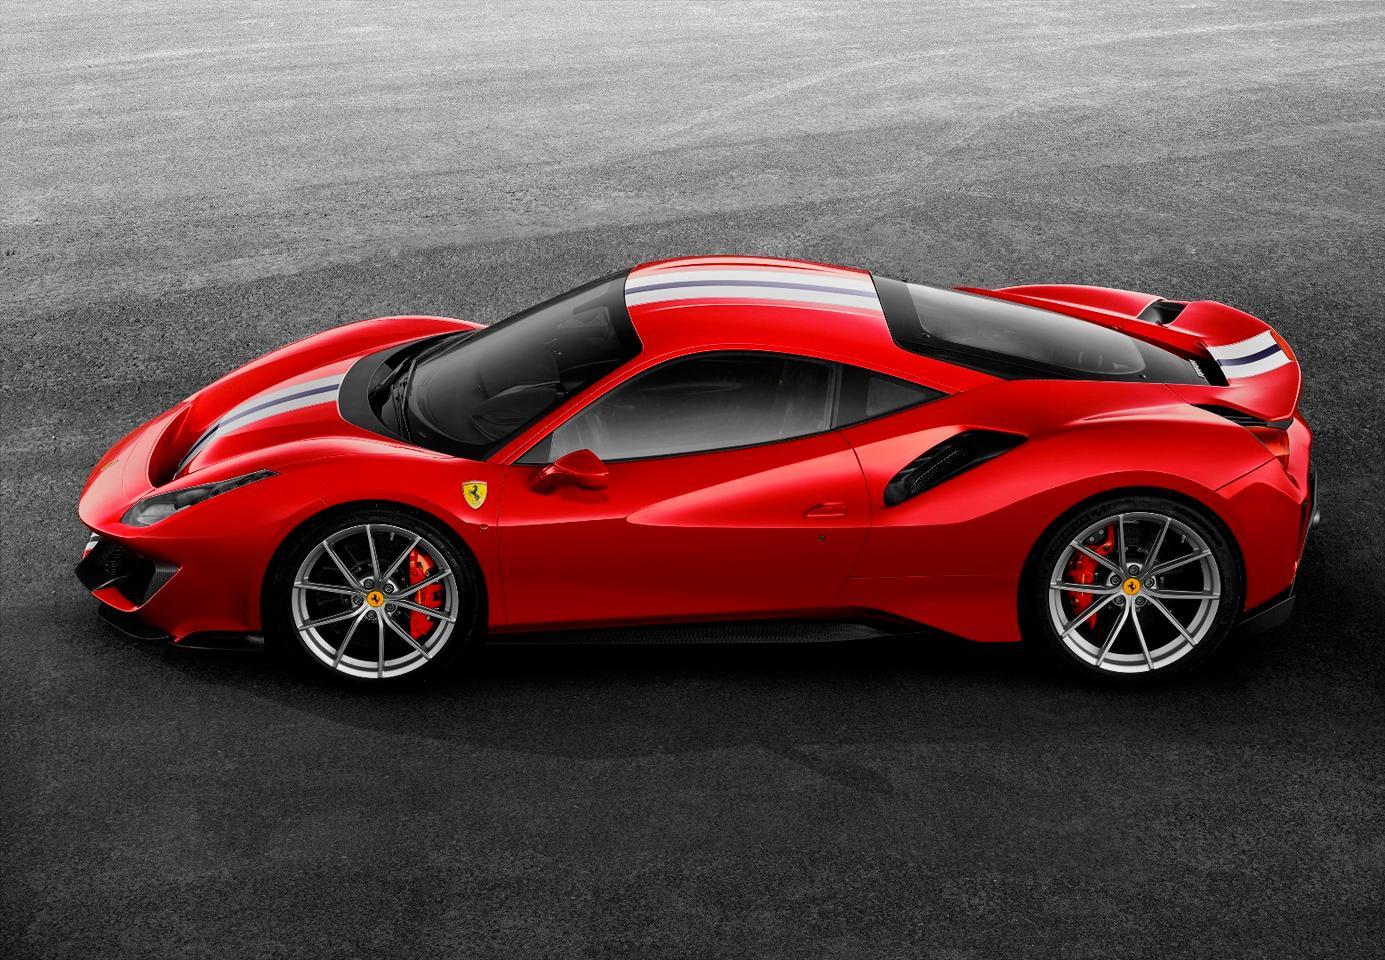 Ferrari 488 Pista: much sharper aeros than the 488 GTB